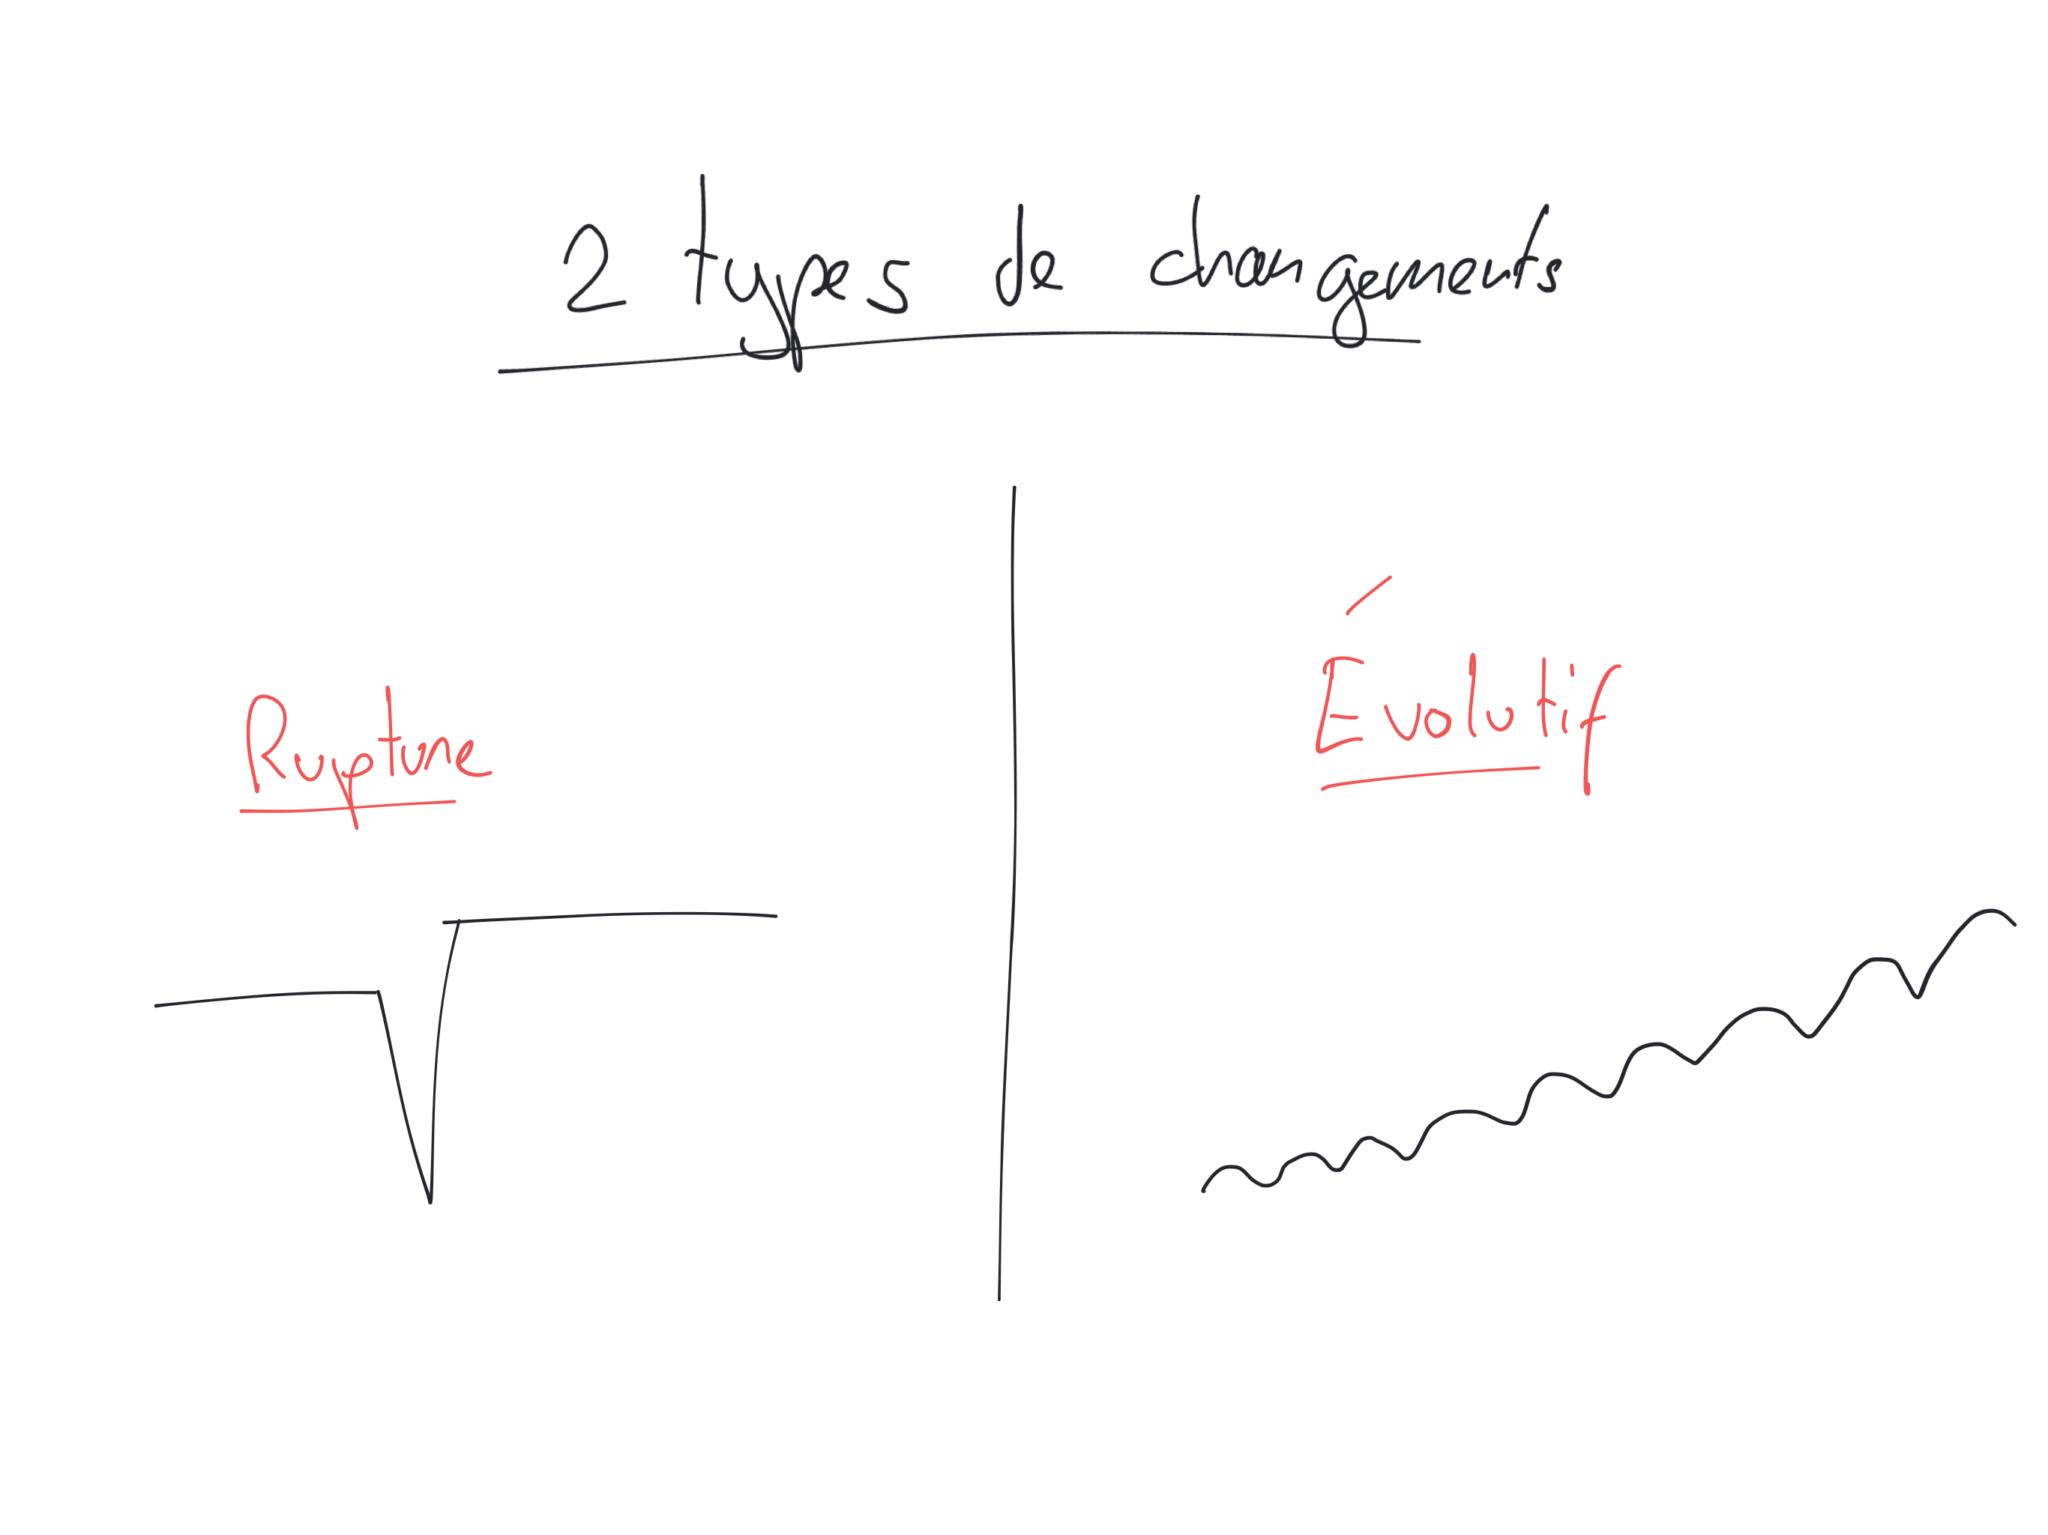 Les 2 types de changements